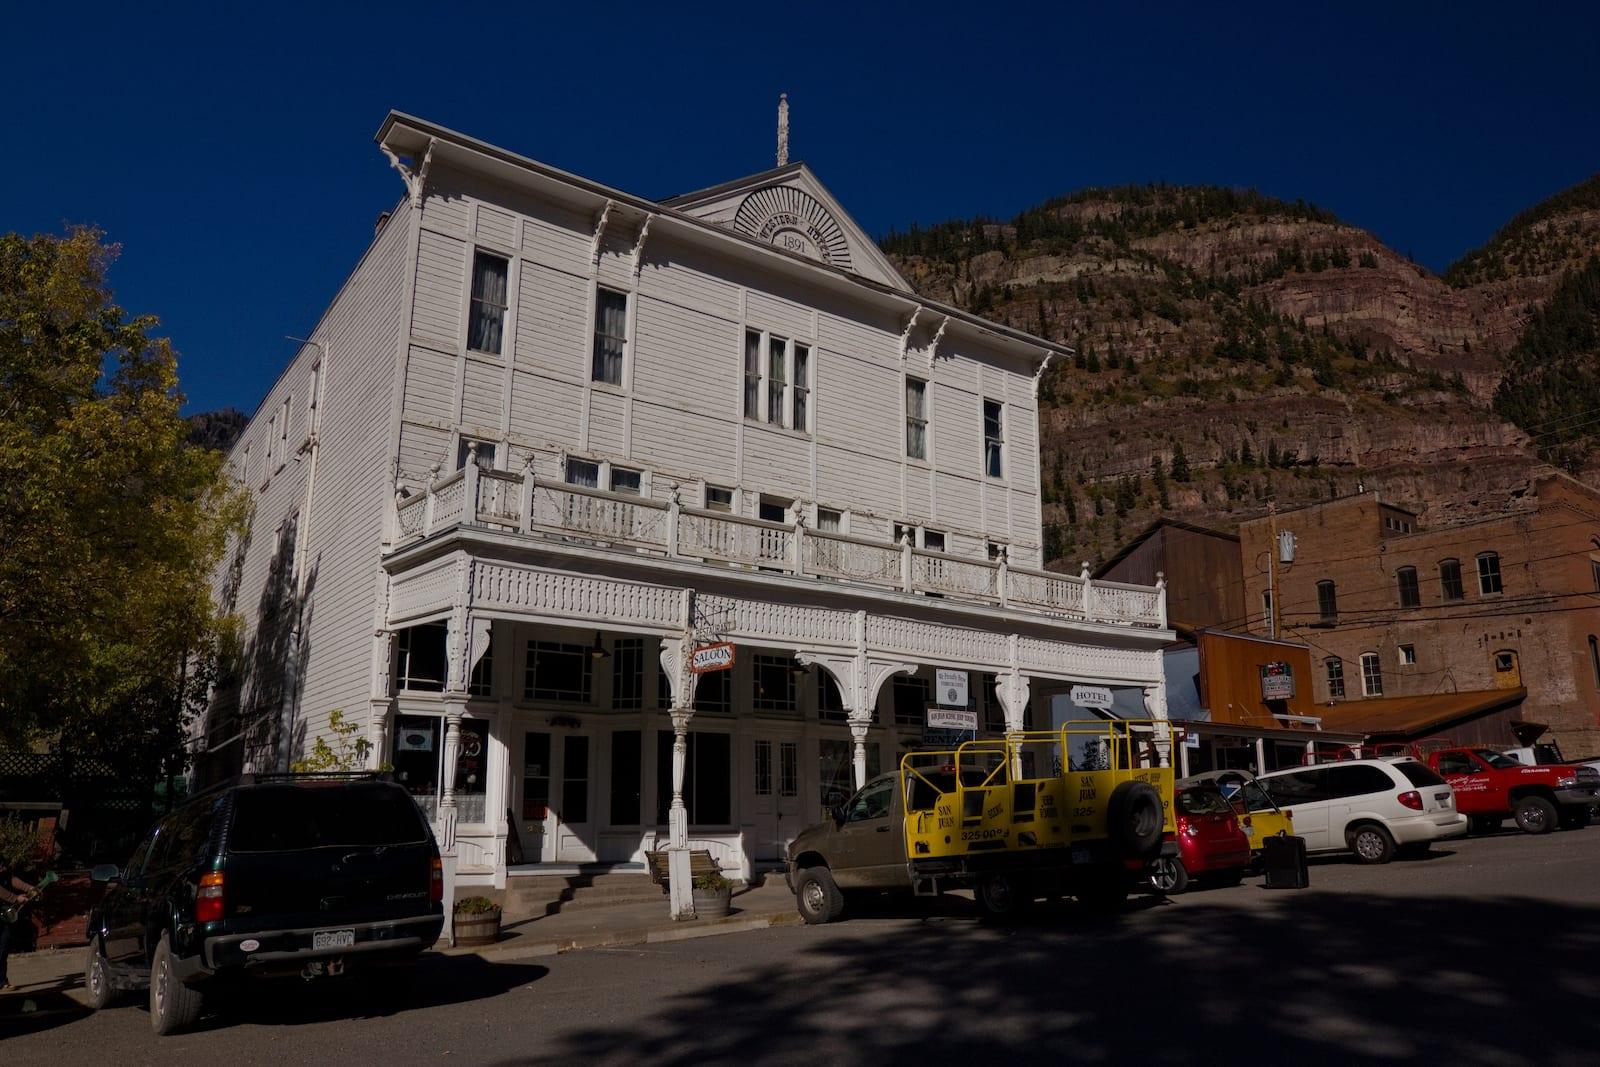 Western Hotel, Ouray, Colorado